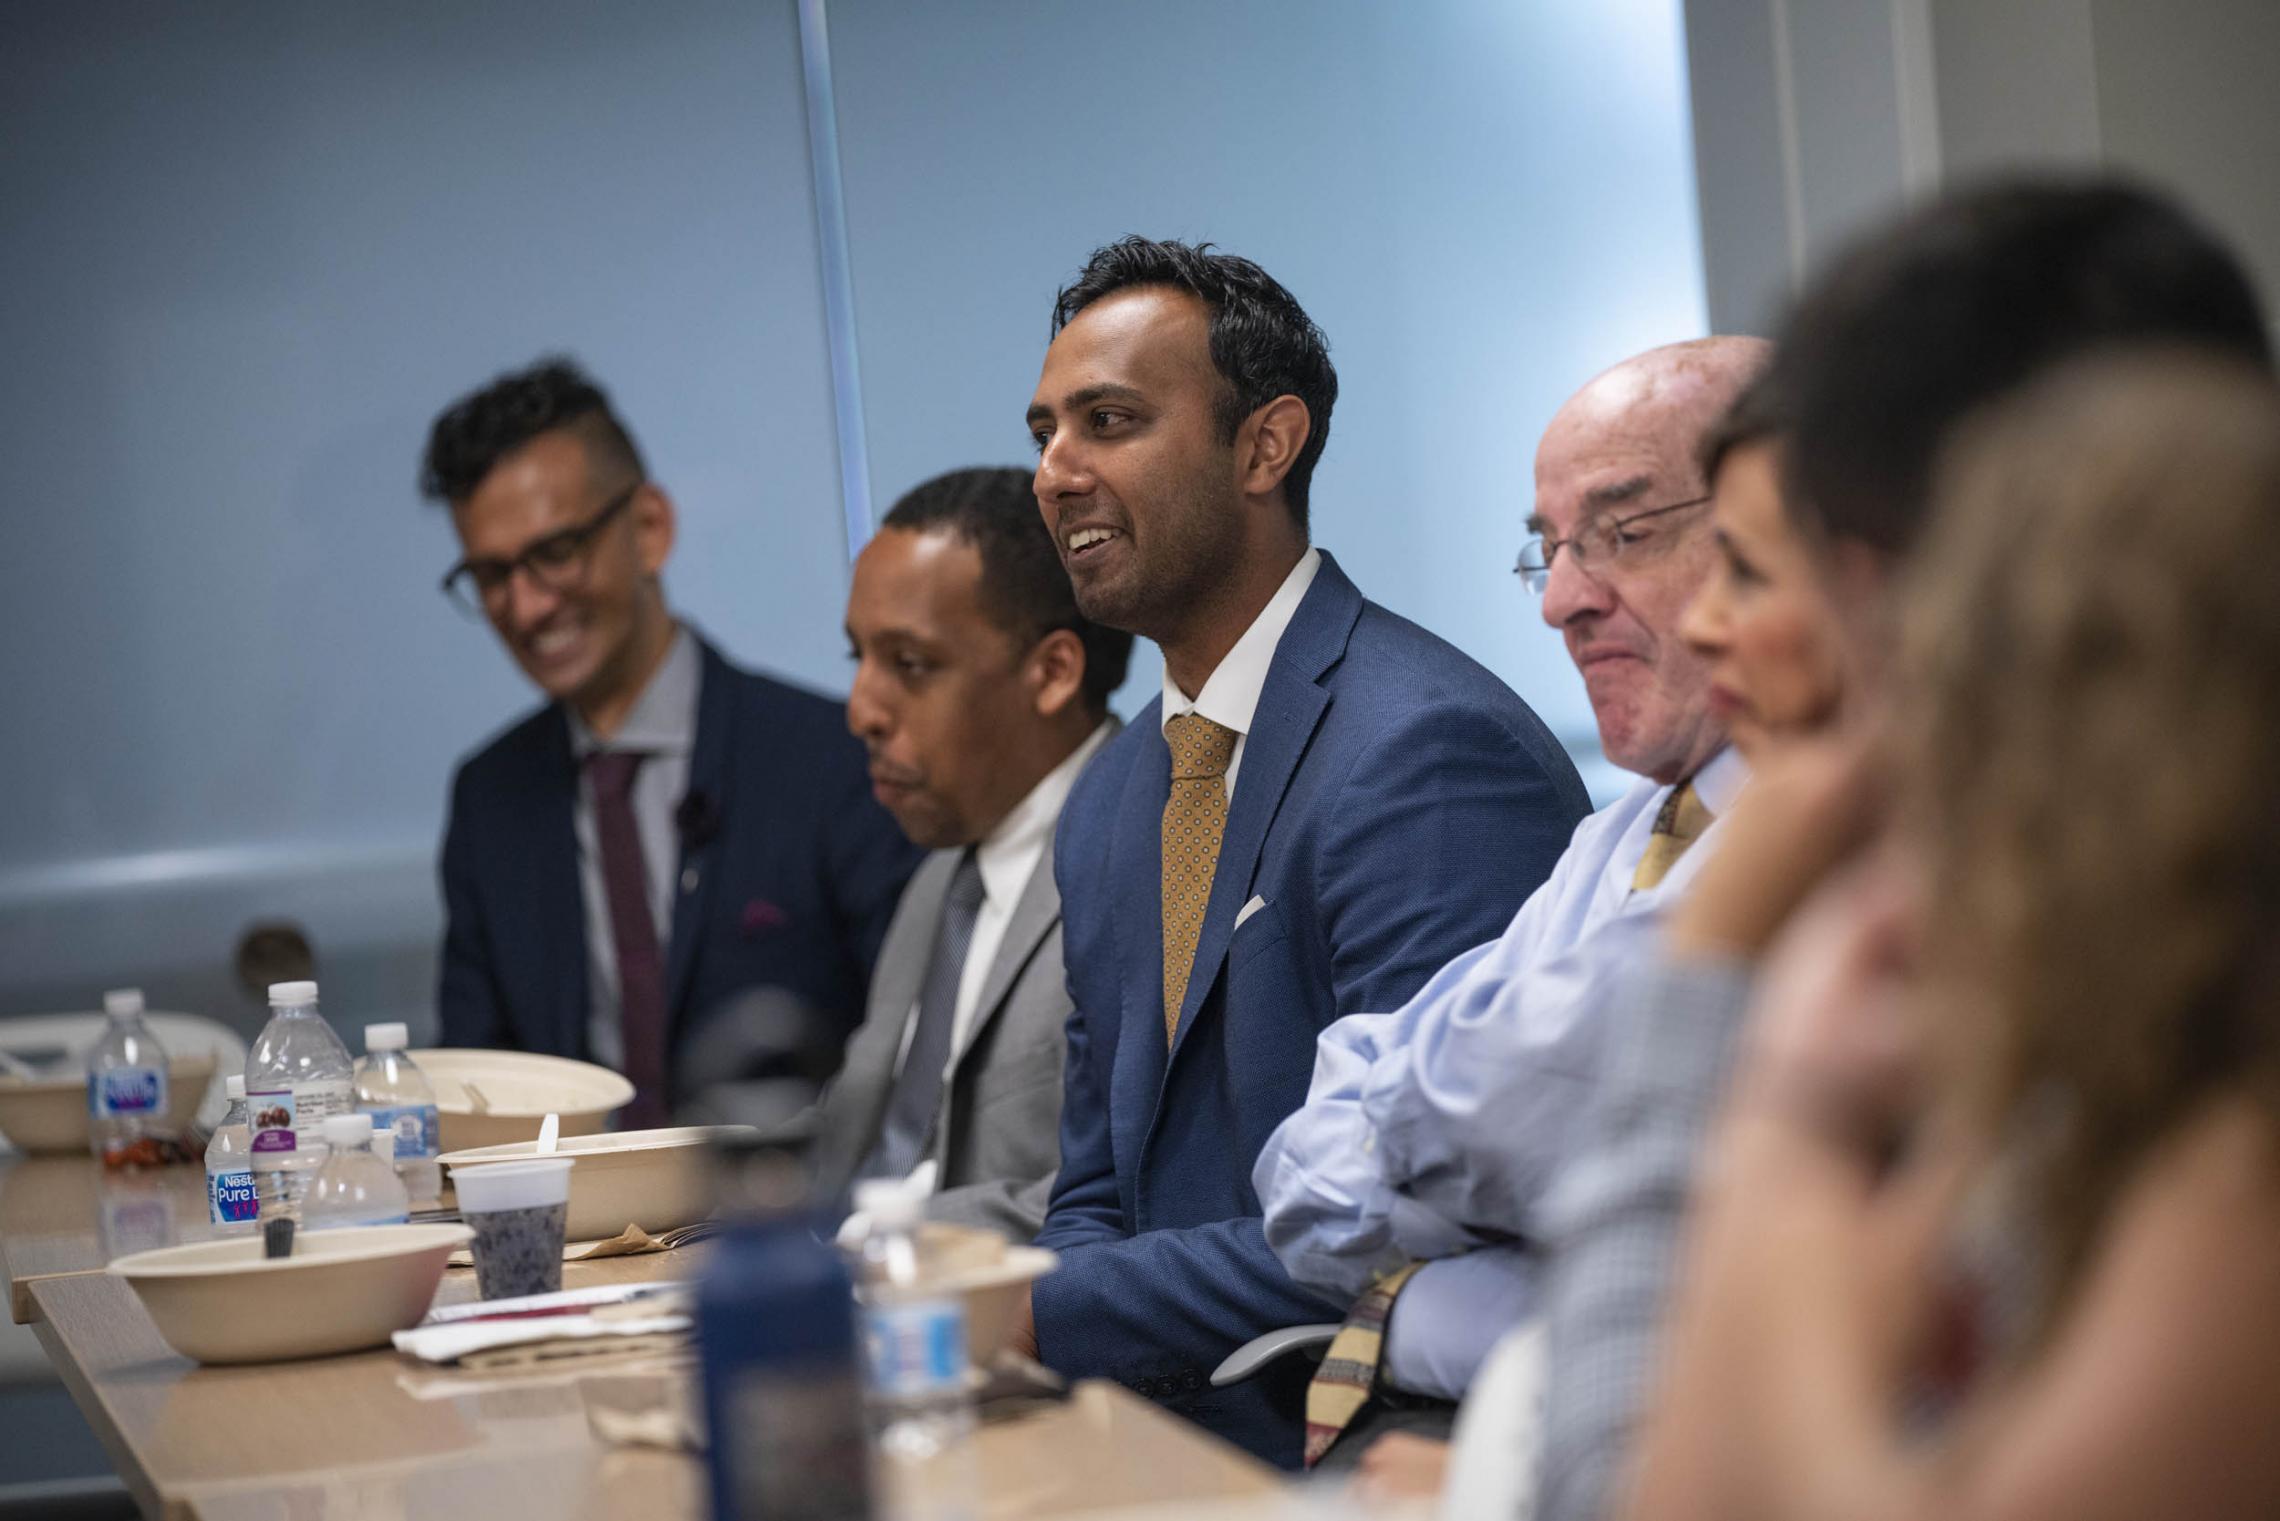 Alumnus Umair Javed, legal adviser to FCC Commissioner Jessica Rosenworcel, talked with UVA media studies students on Tuesday.